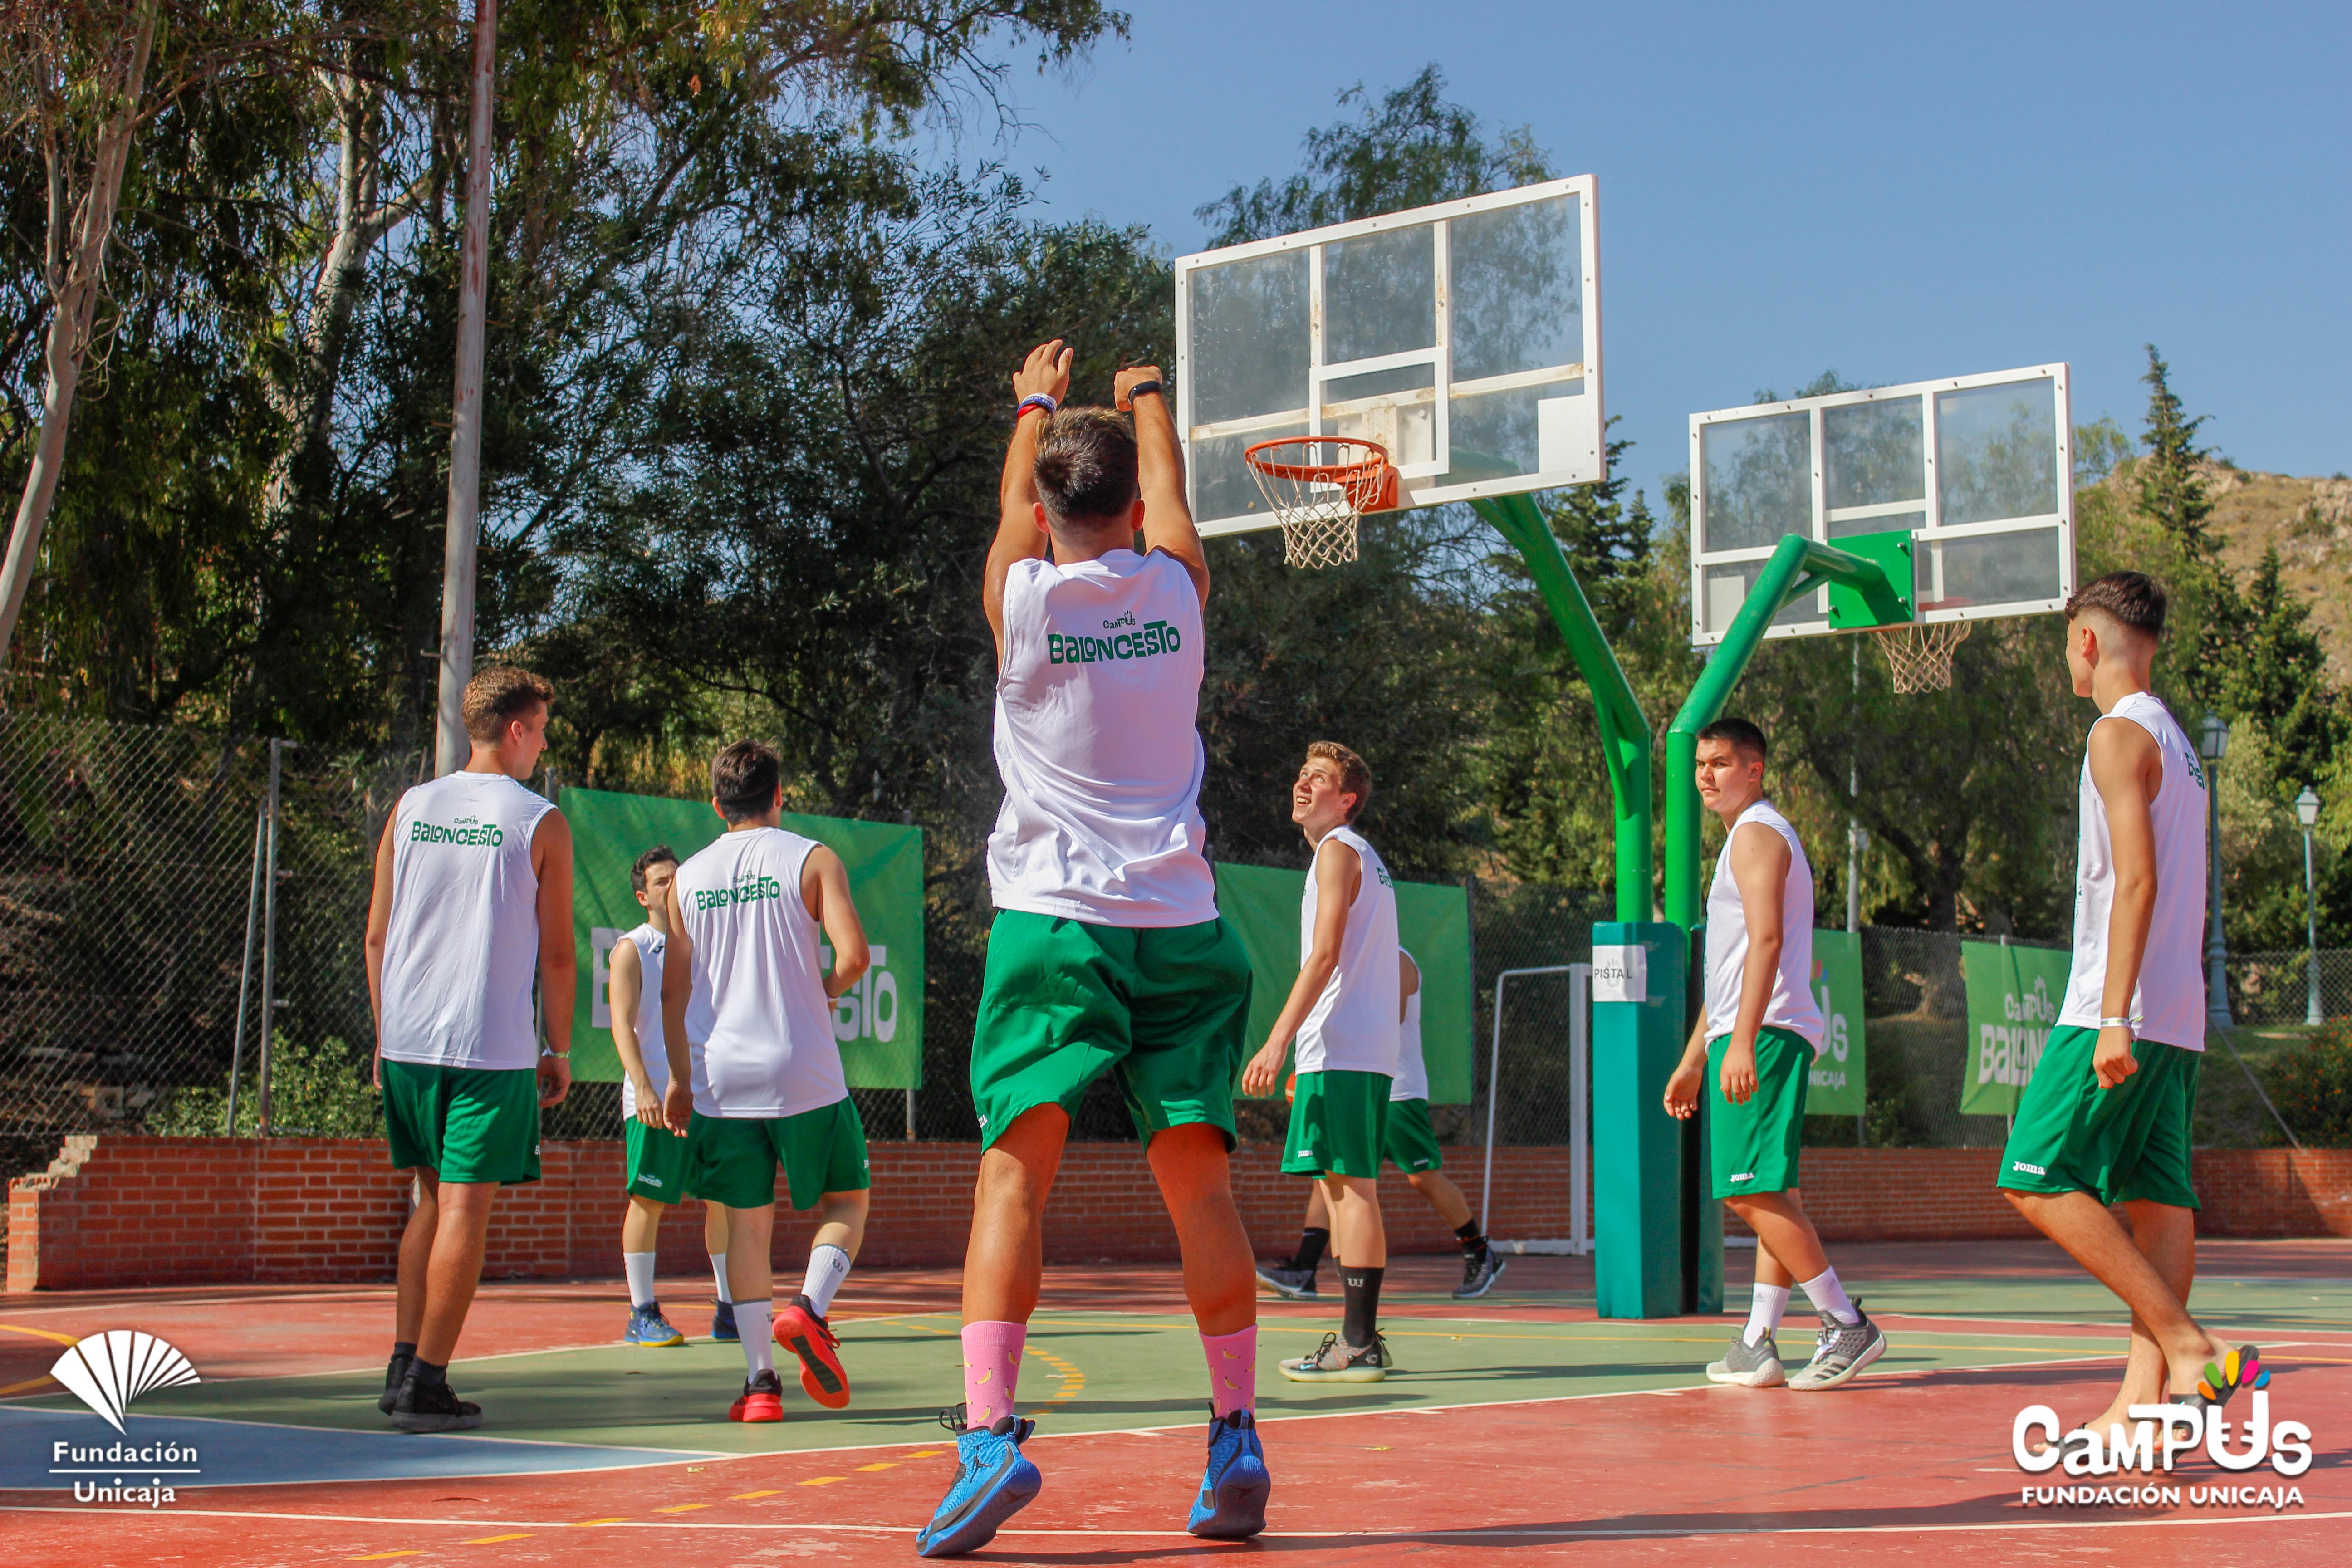 Comienza El Campus Fundación Unicaja Baloncesto